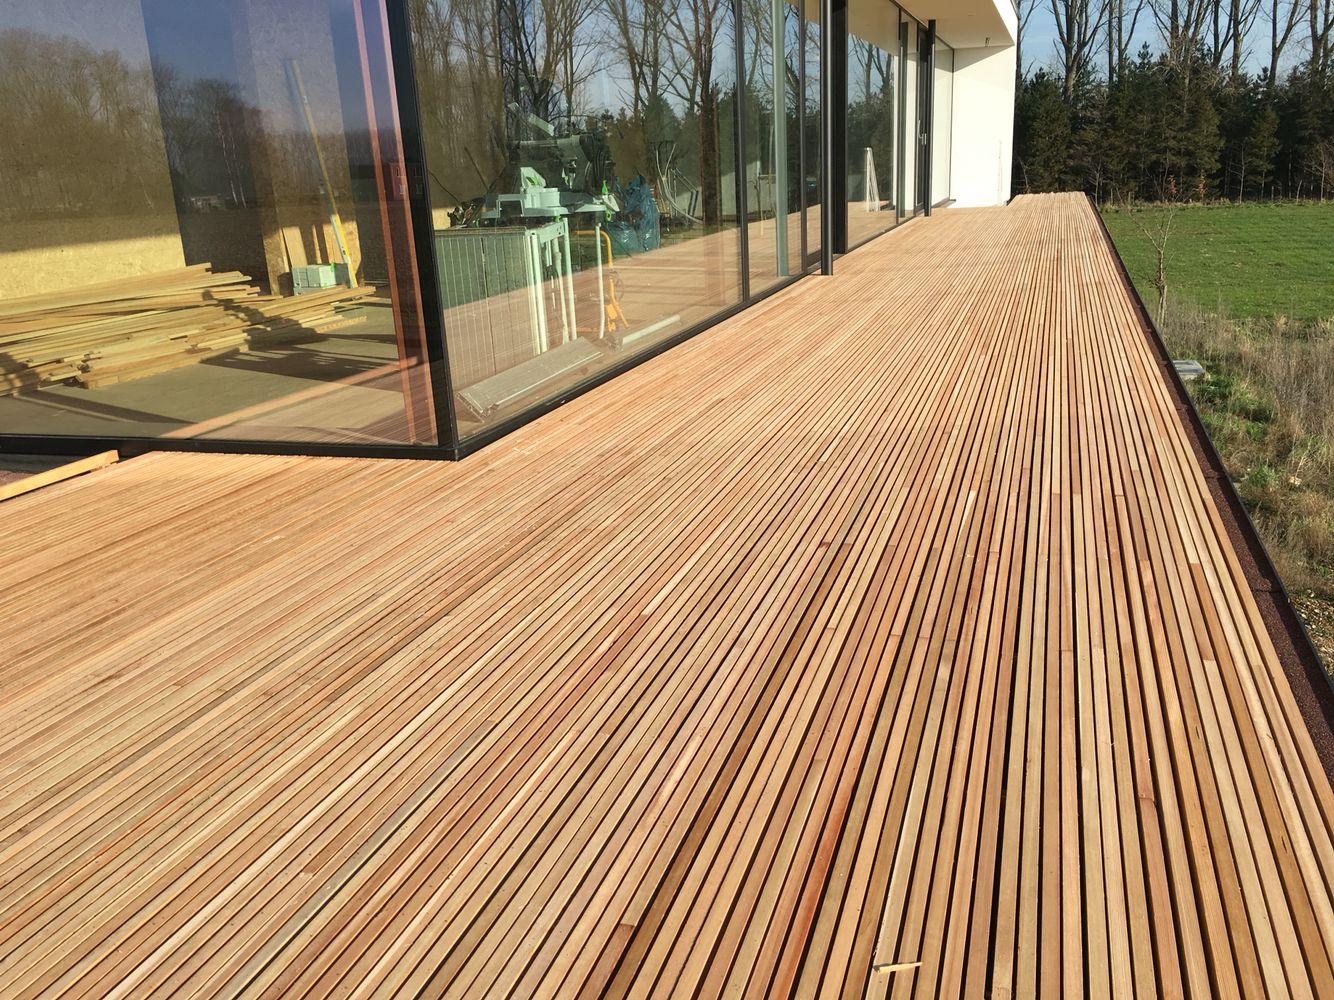 Buitenschrijnwerk en houten terrassen door edward vlasveld